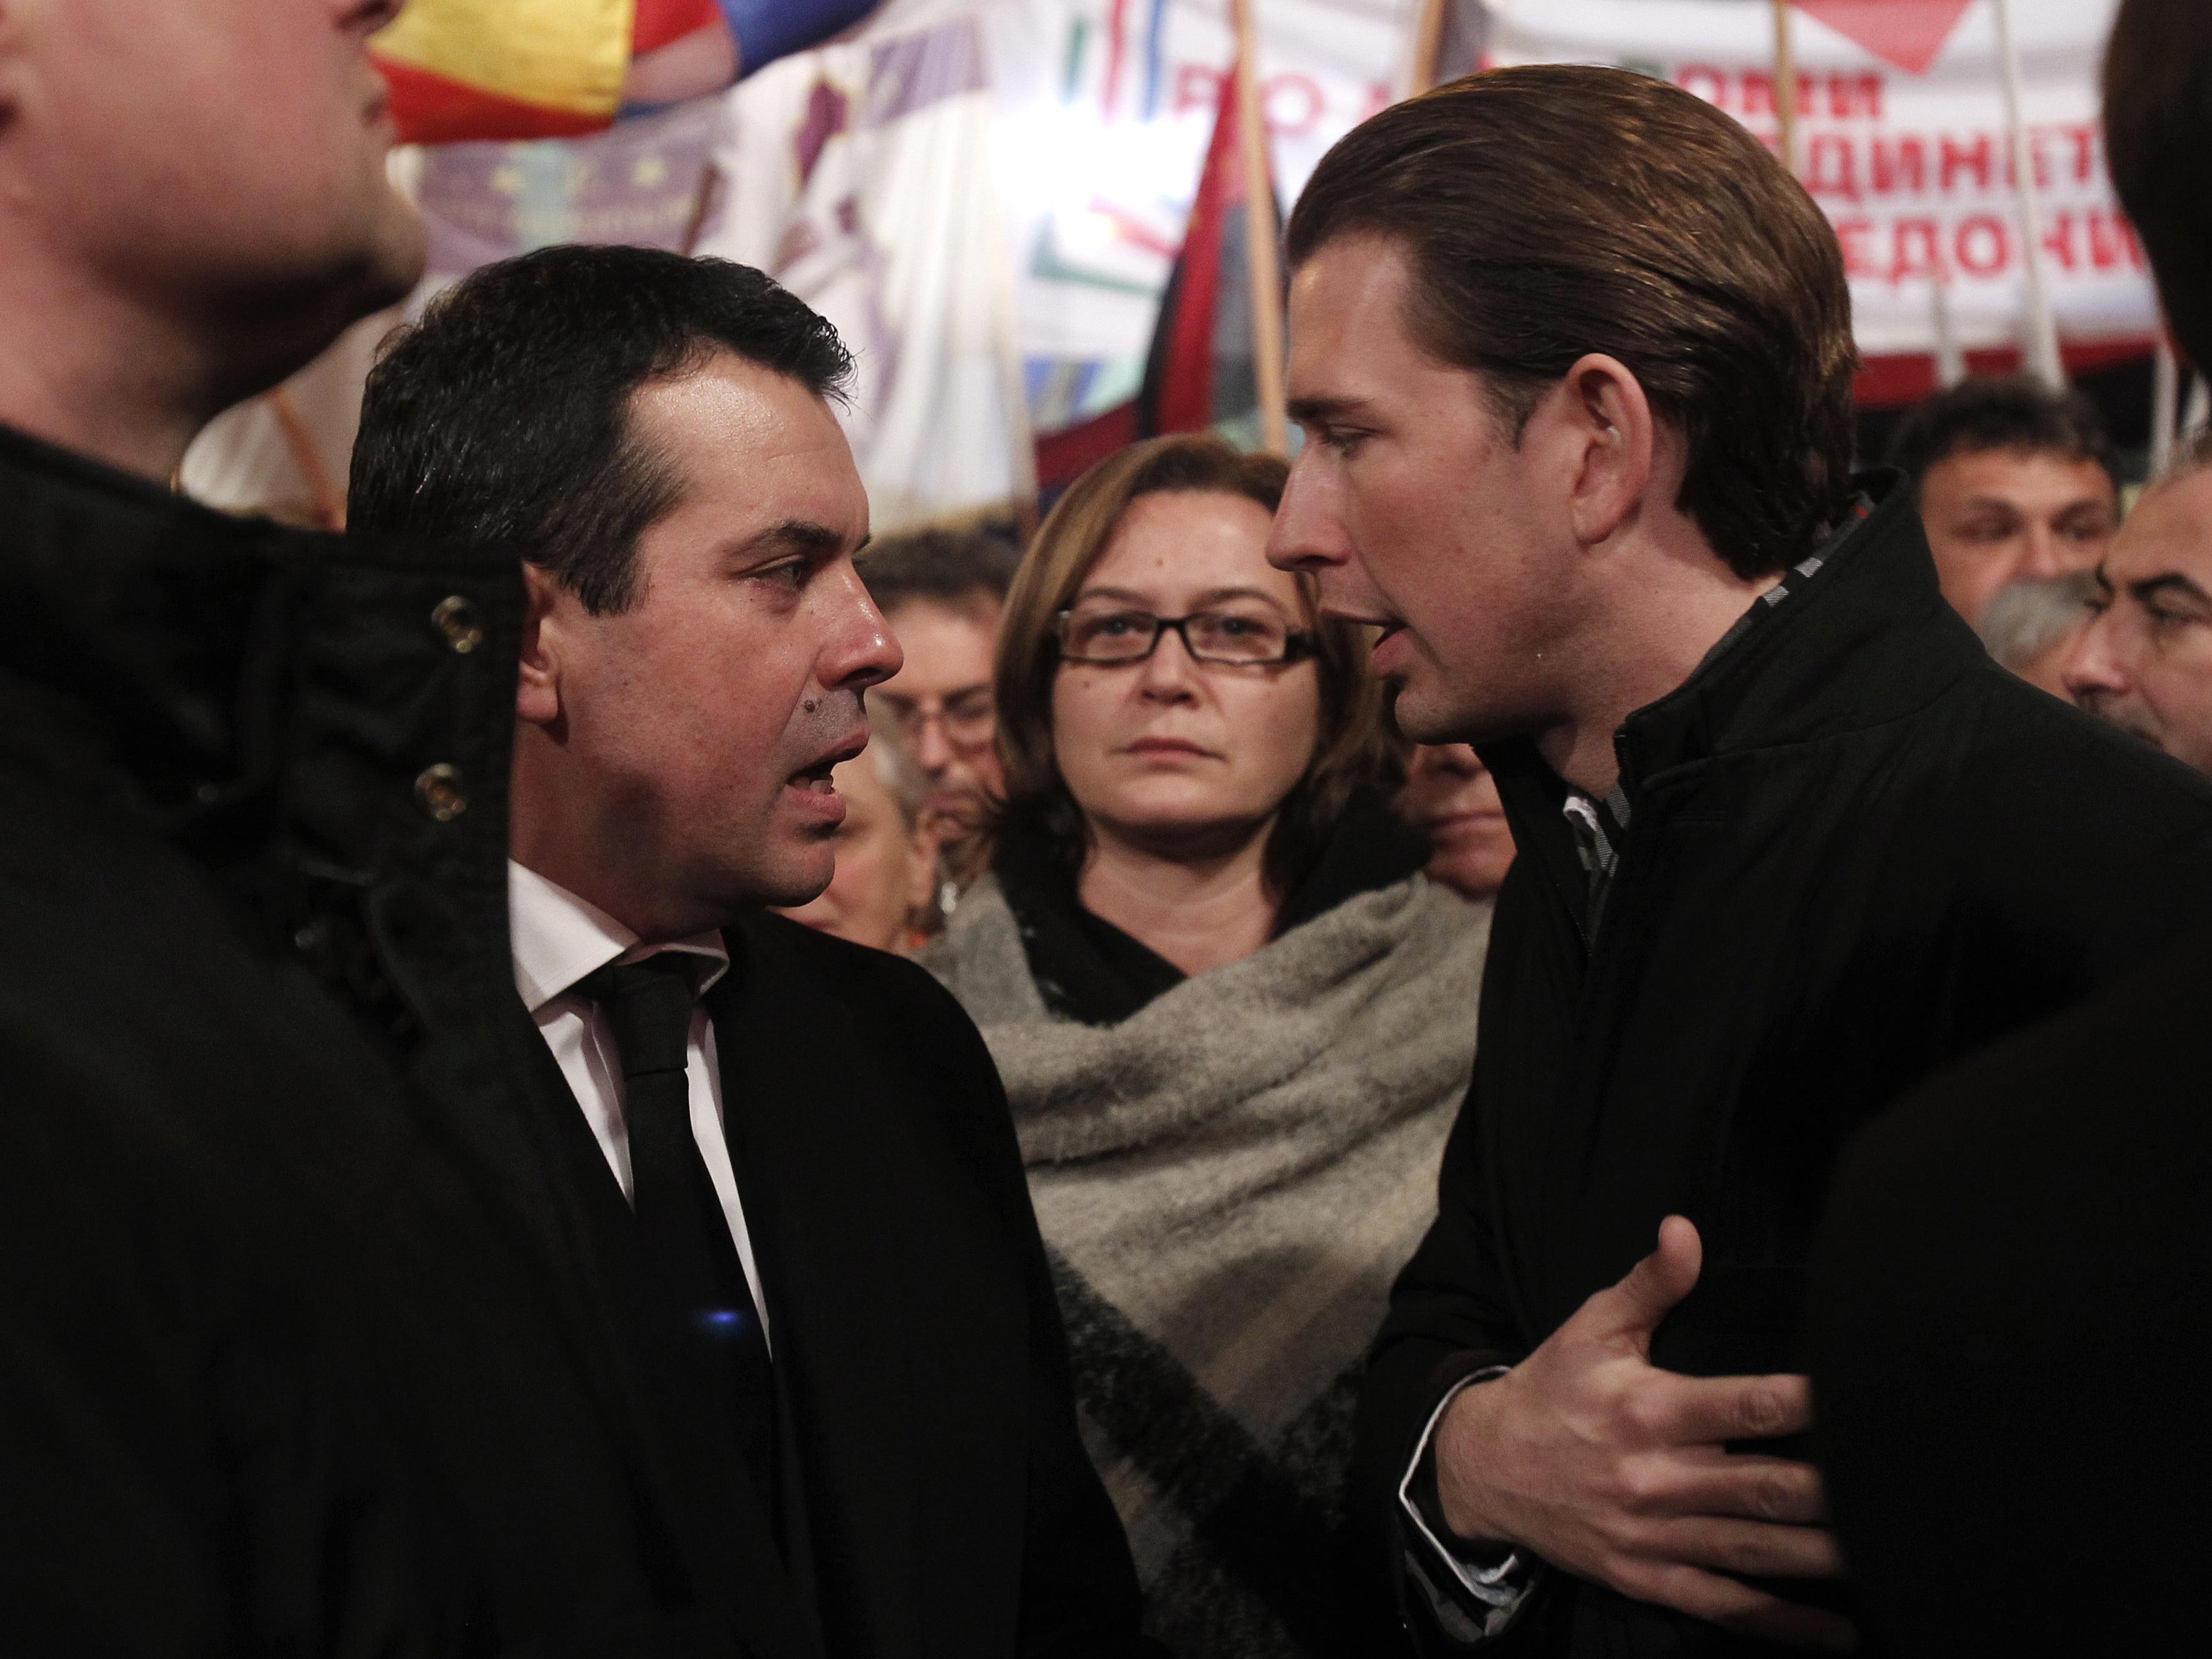 ÖVP-Unterstützung für konservative Regierungspartei in Balkanstaat sorgt für Irritation.